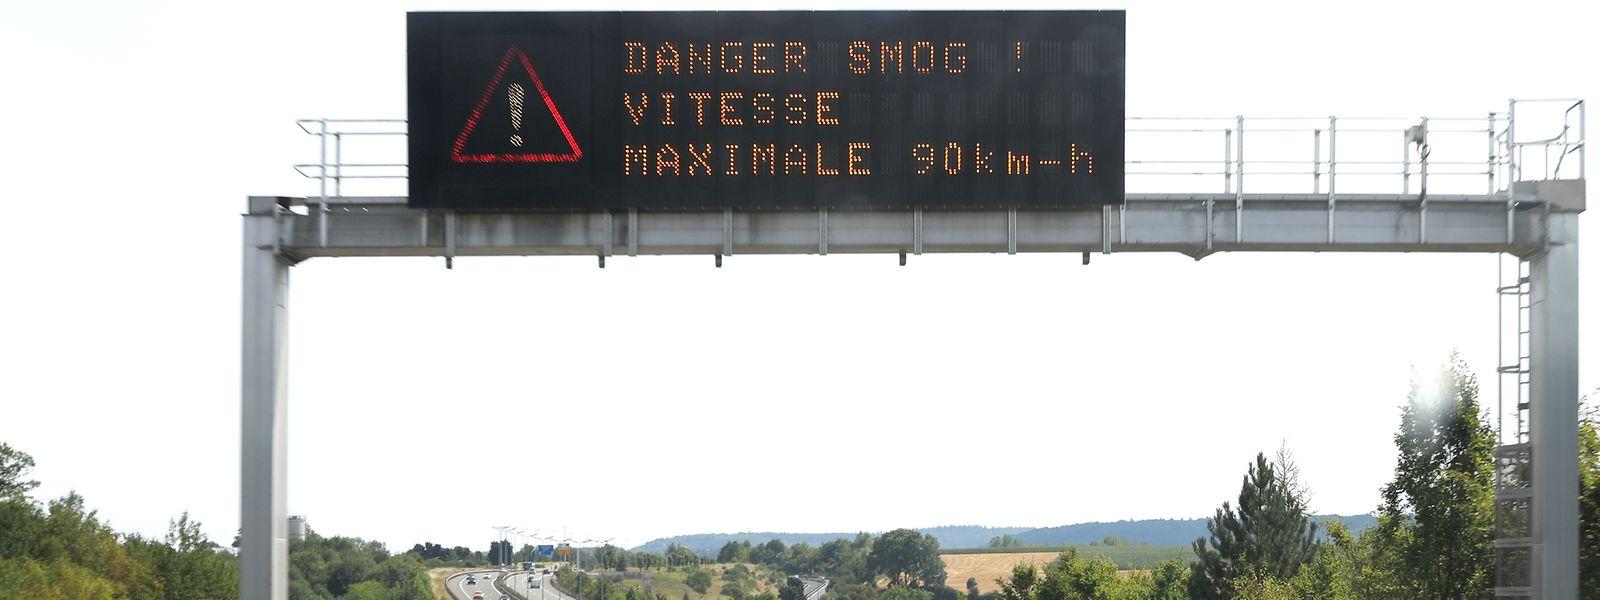 Auf Luxemburgs Autobahnen weisen Informationstafeln darauf hin, wenn die Geschwindigkeit wegen einer hohen Luftbelastung auf 90 Kilometer pro Stunde begrenzt wird.